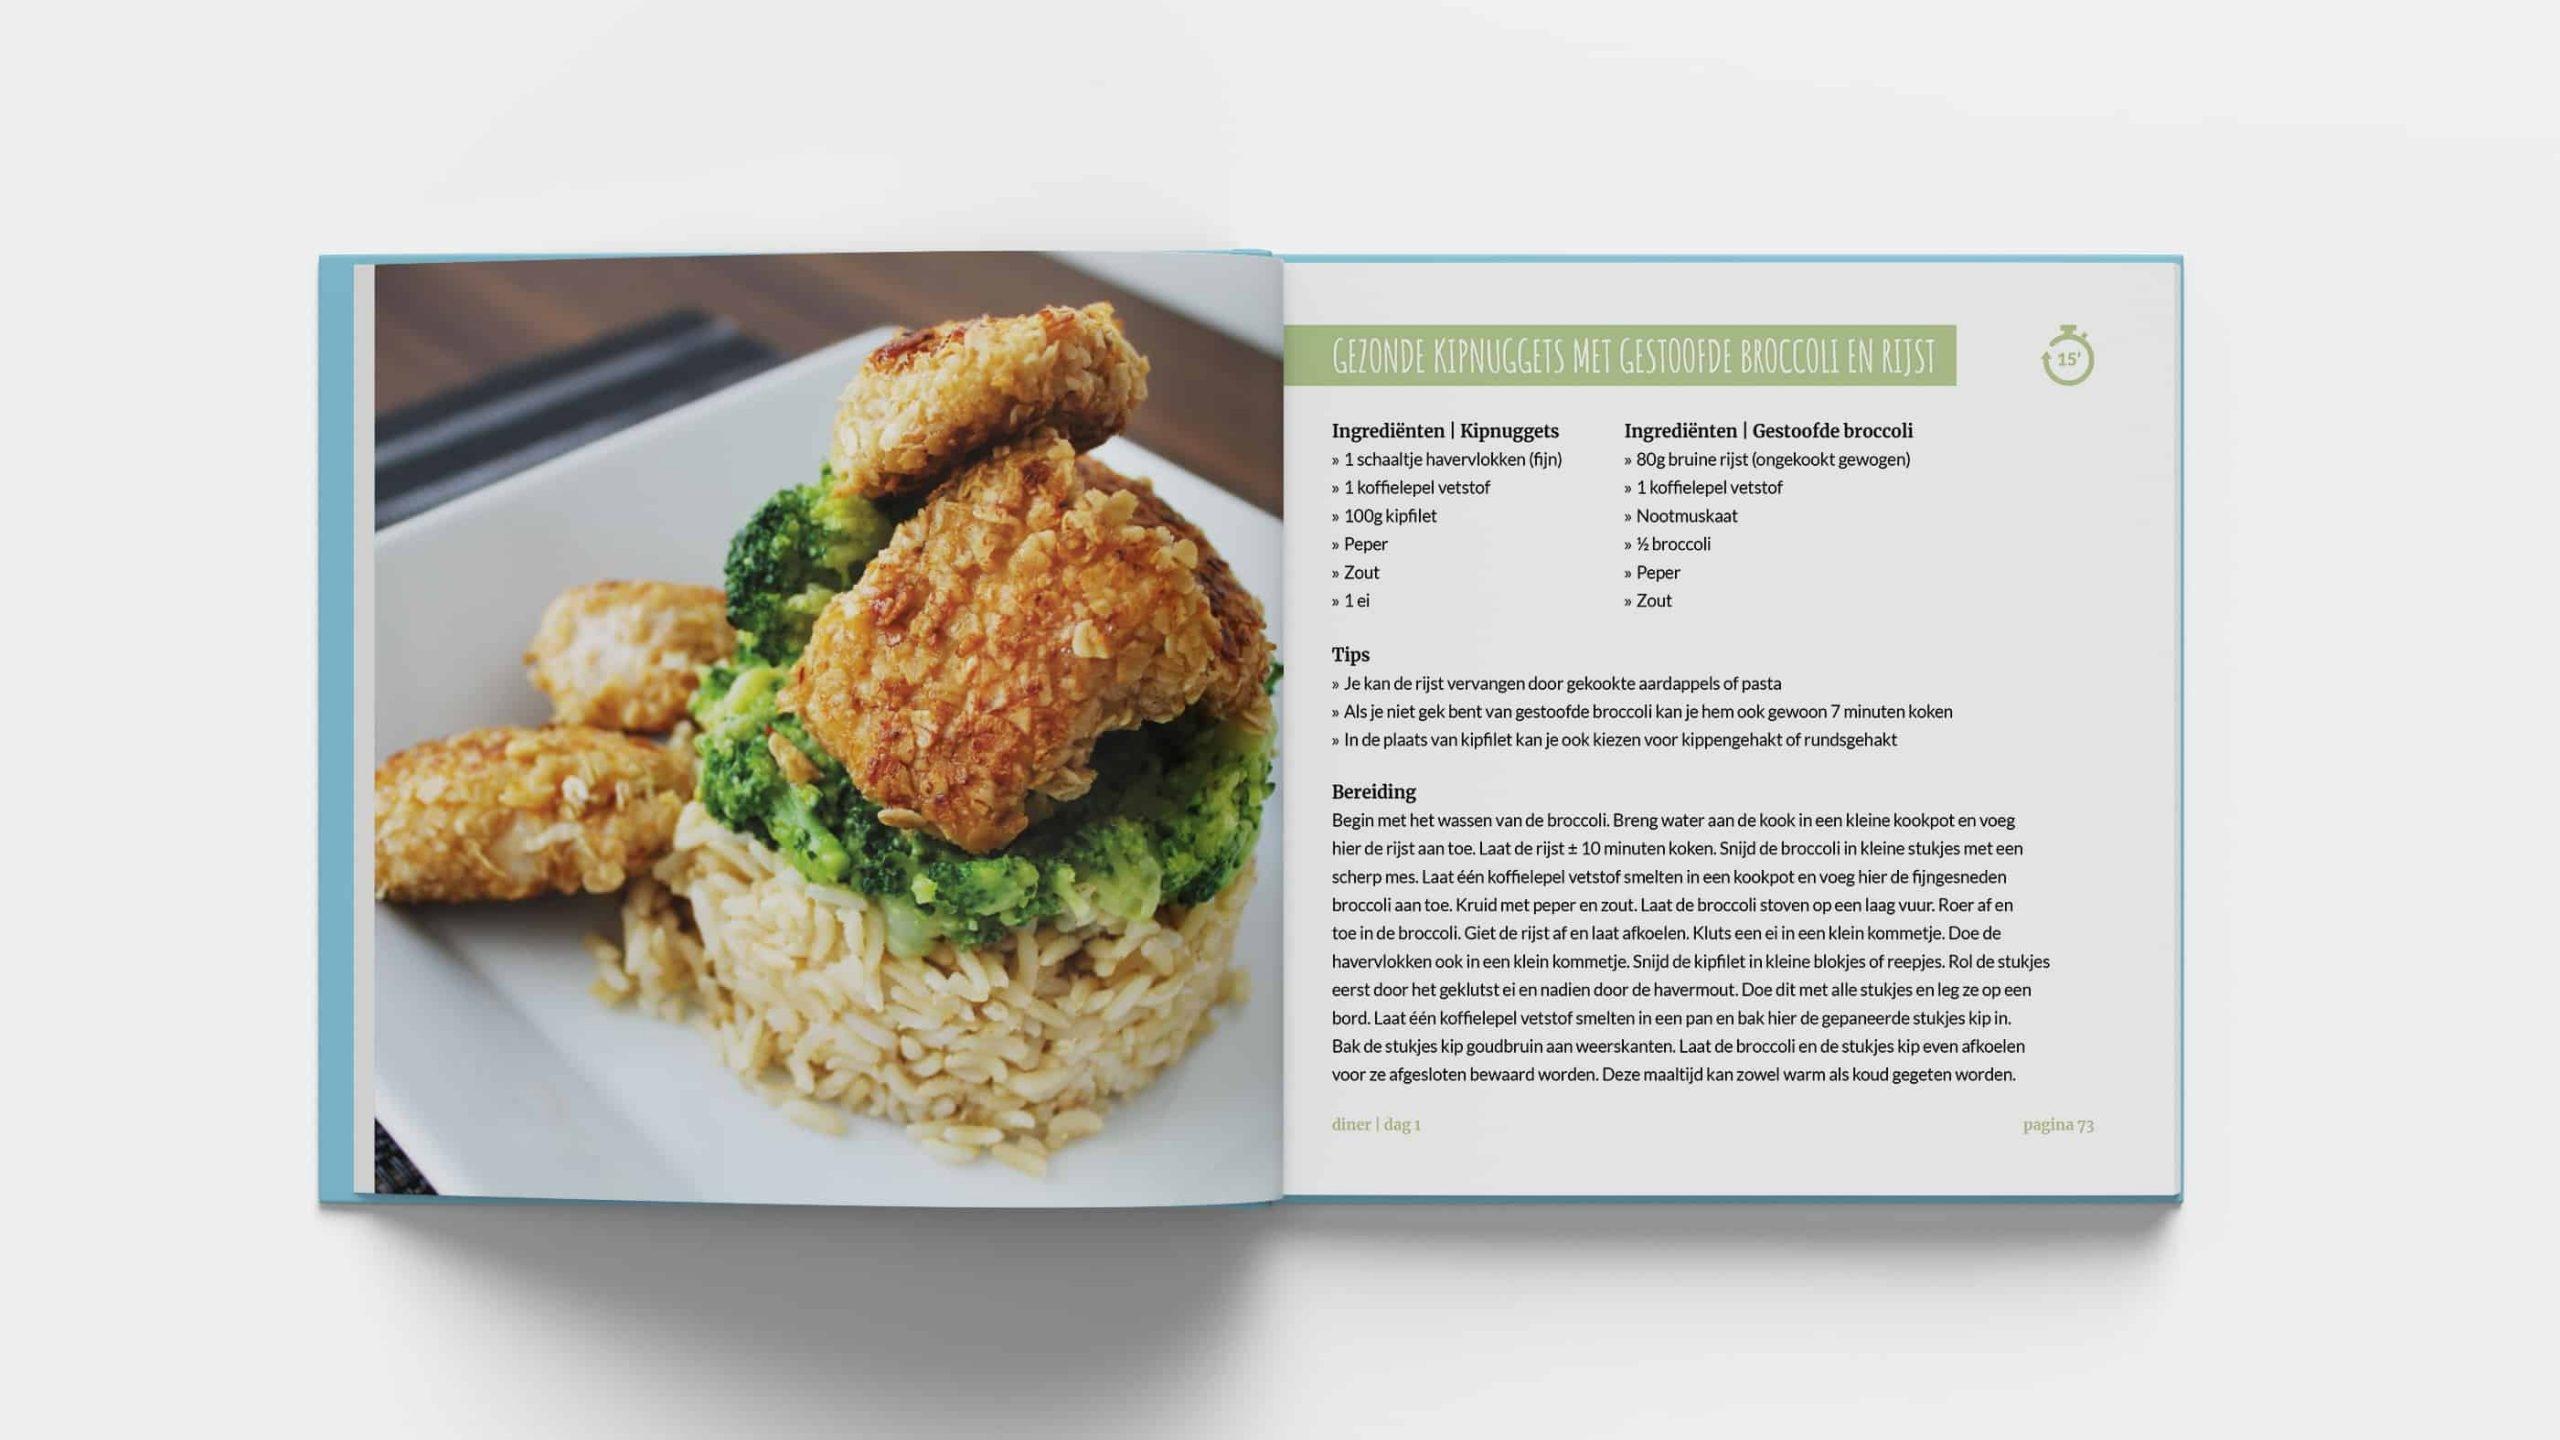 Larkom Gewoonweg Lekker kookboek render 00005 scaled